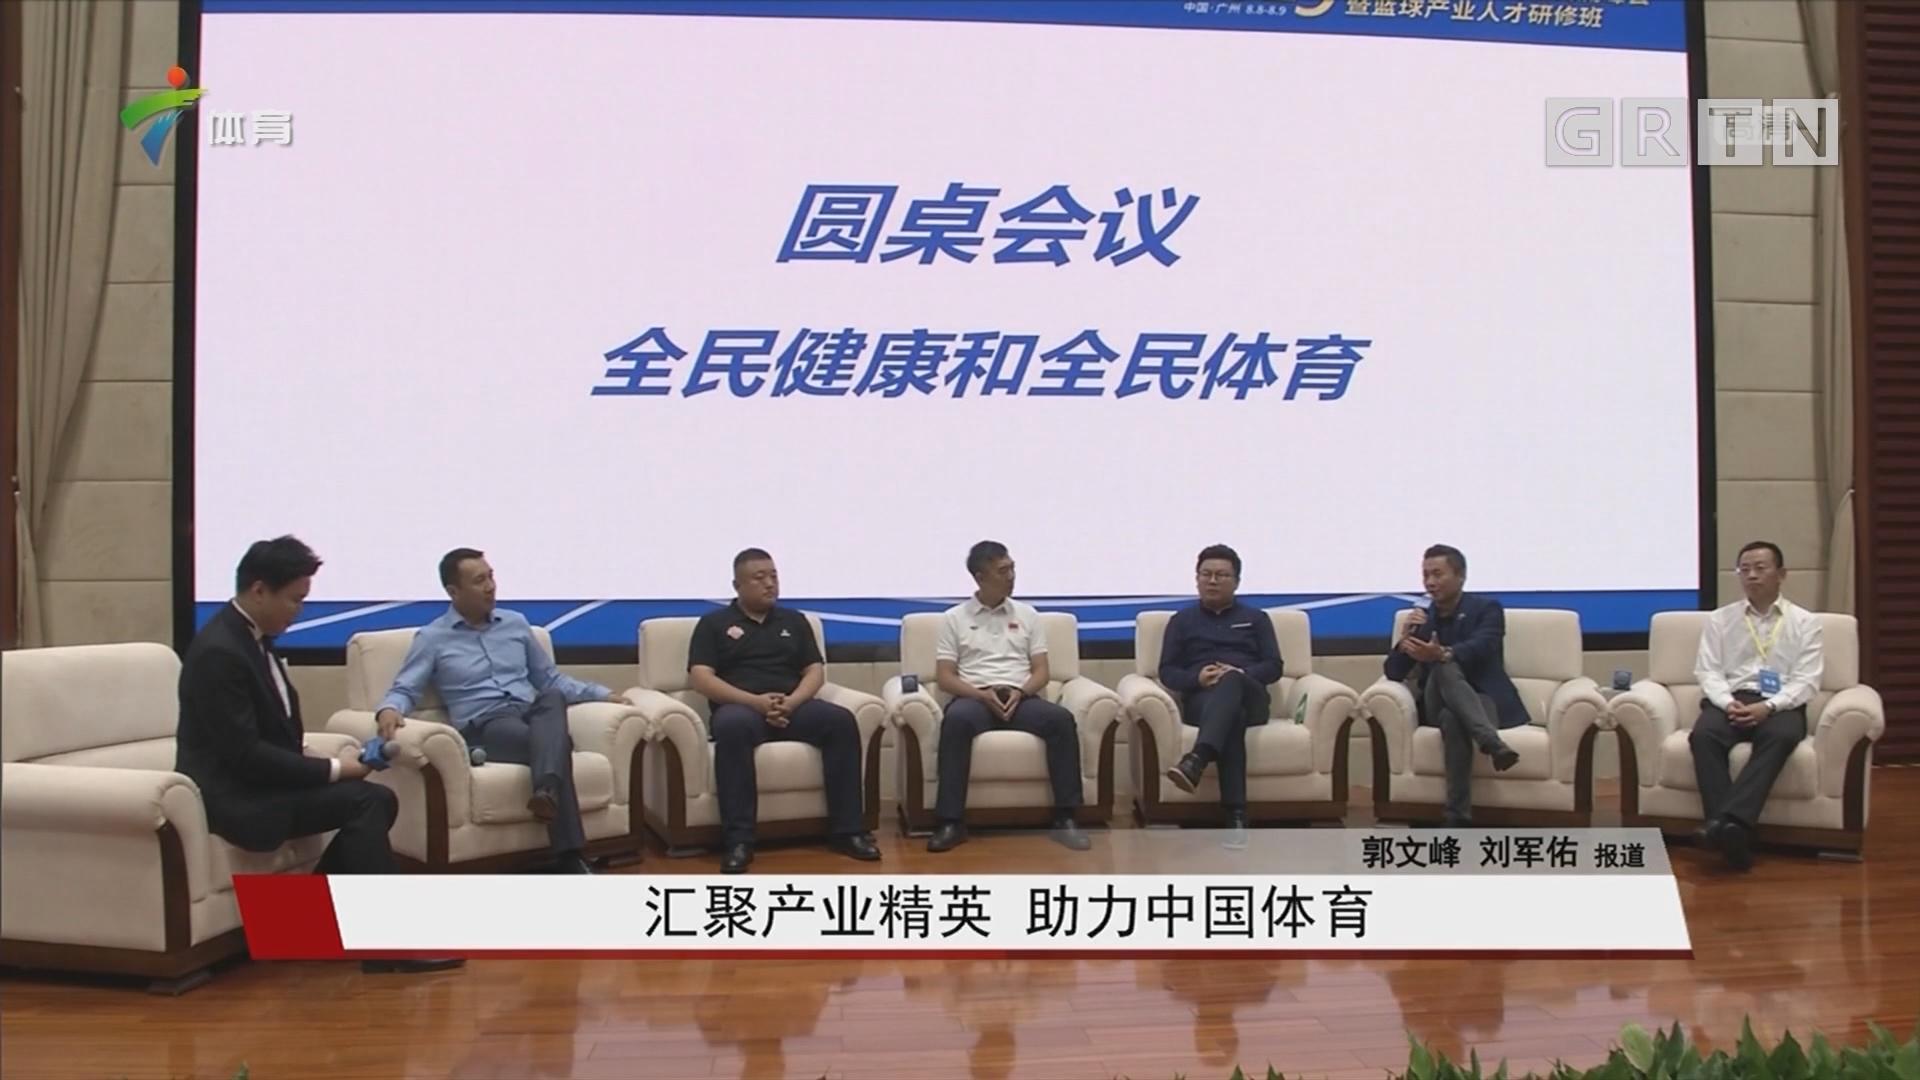 汇聚产业精英 助力中国体育